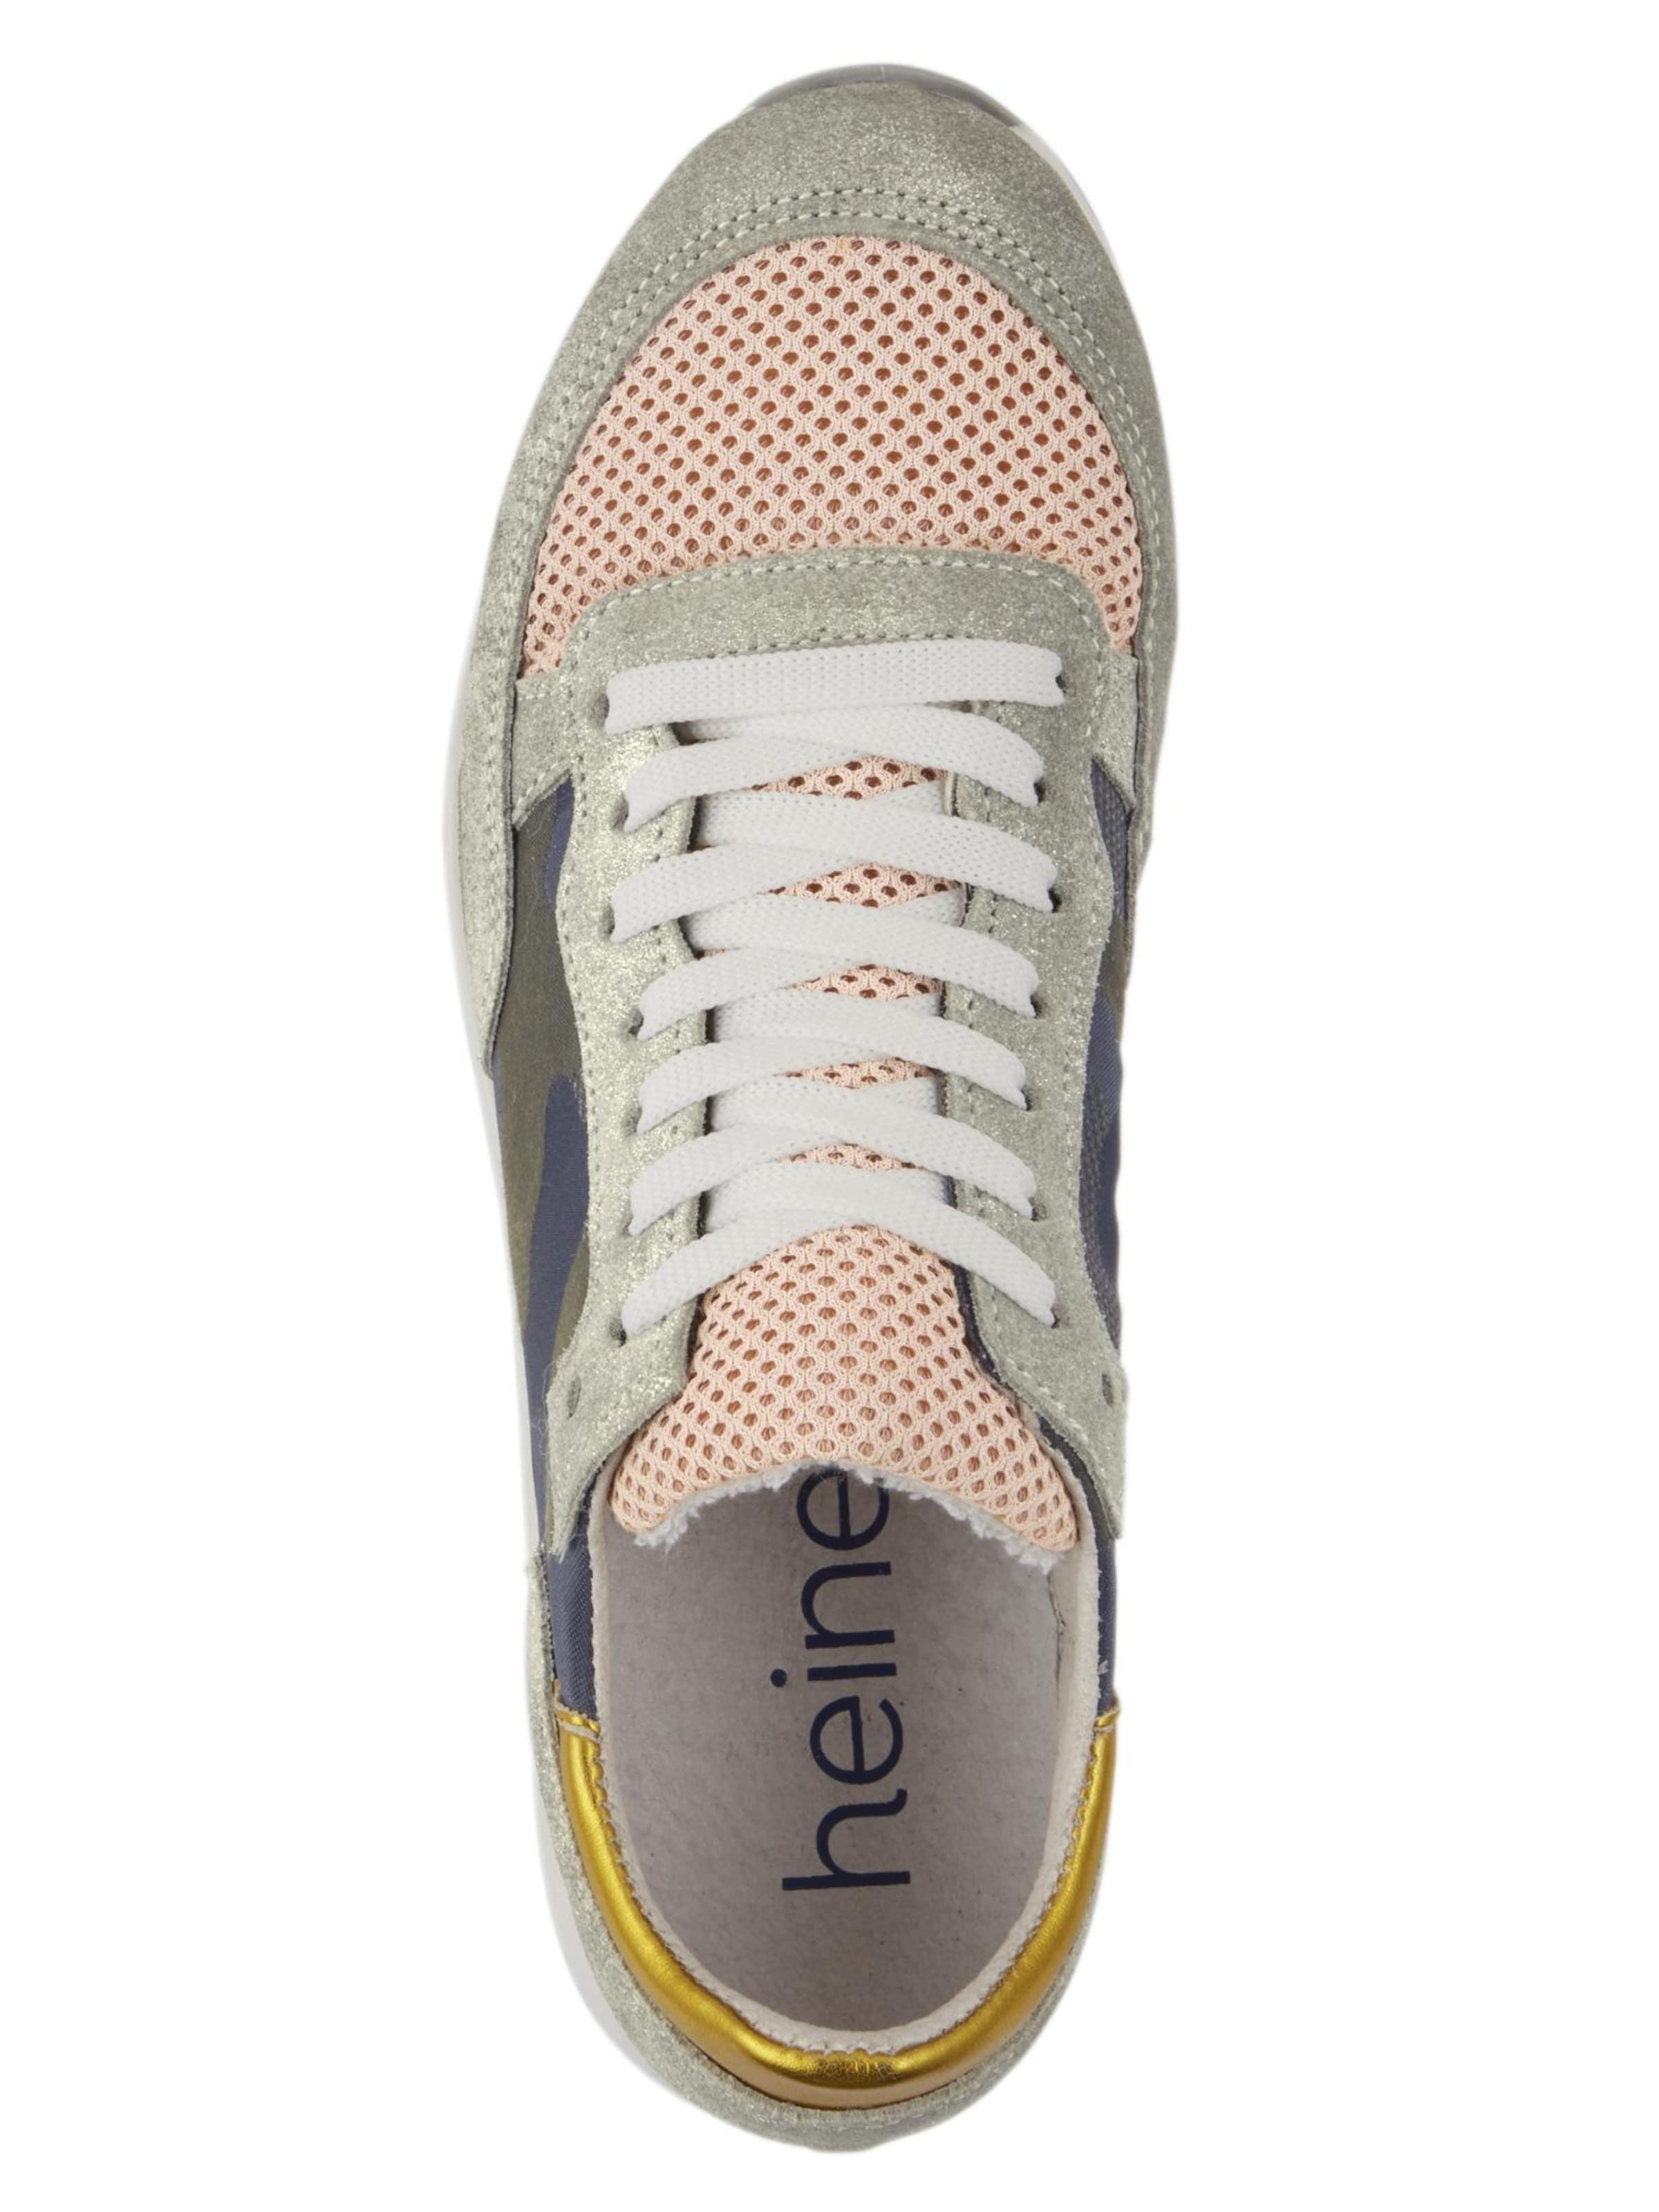 Heine Sneaker In Sneaker Heine GrauRosé nNvm8wO0